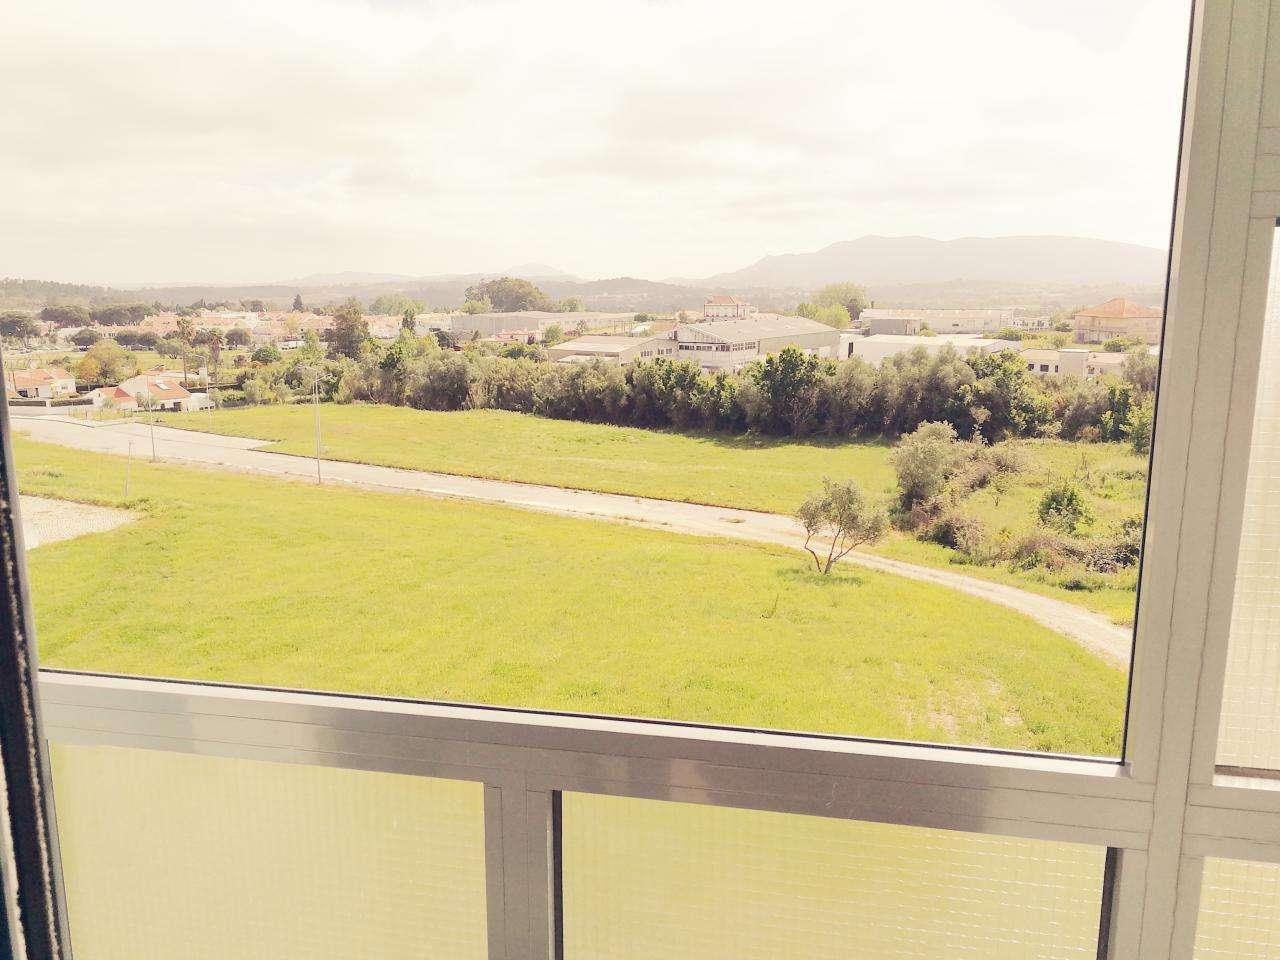 Apartamento para comprar, Castelo (Sesimbra), Sesimbra, Setúbal - Foto 5